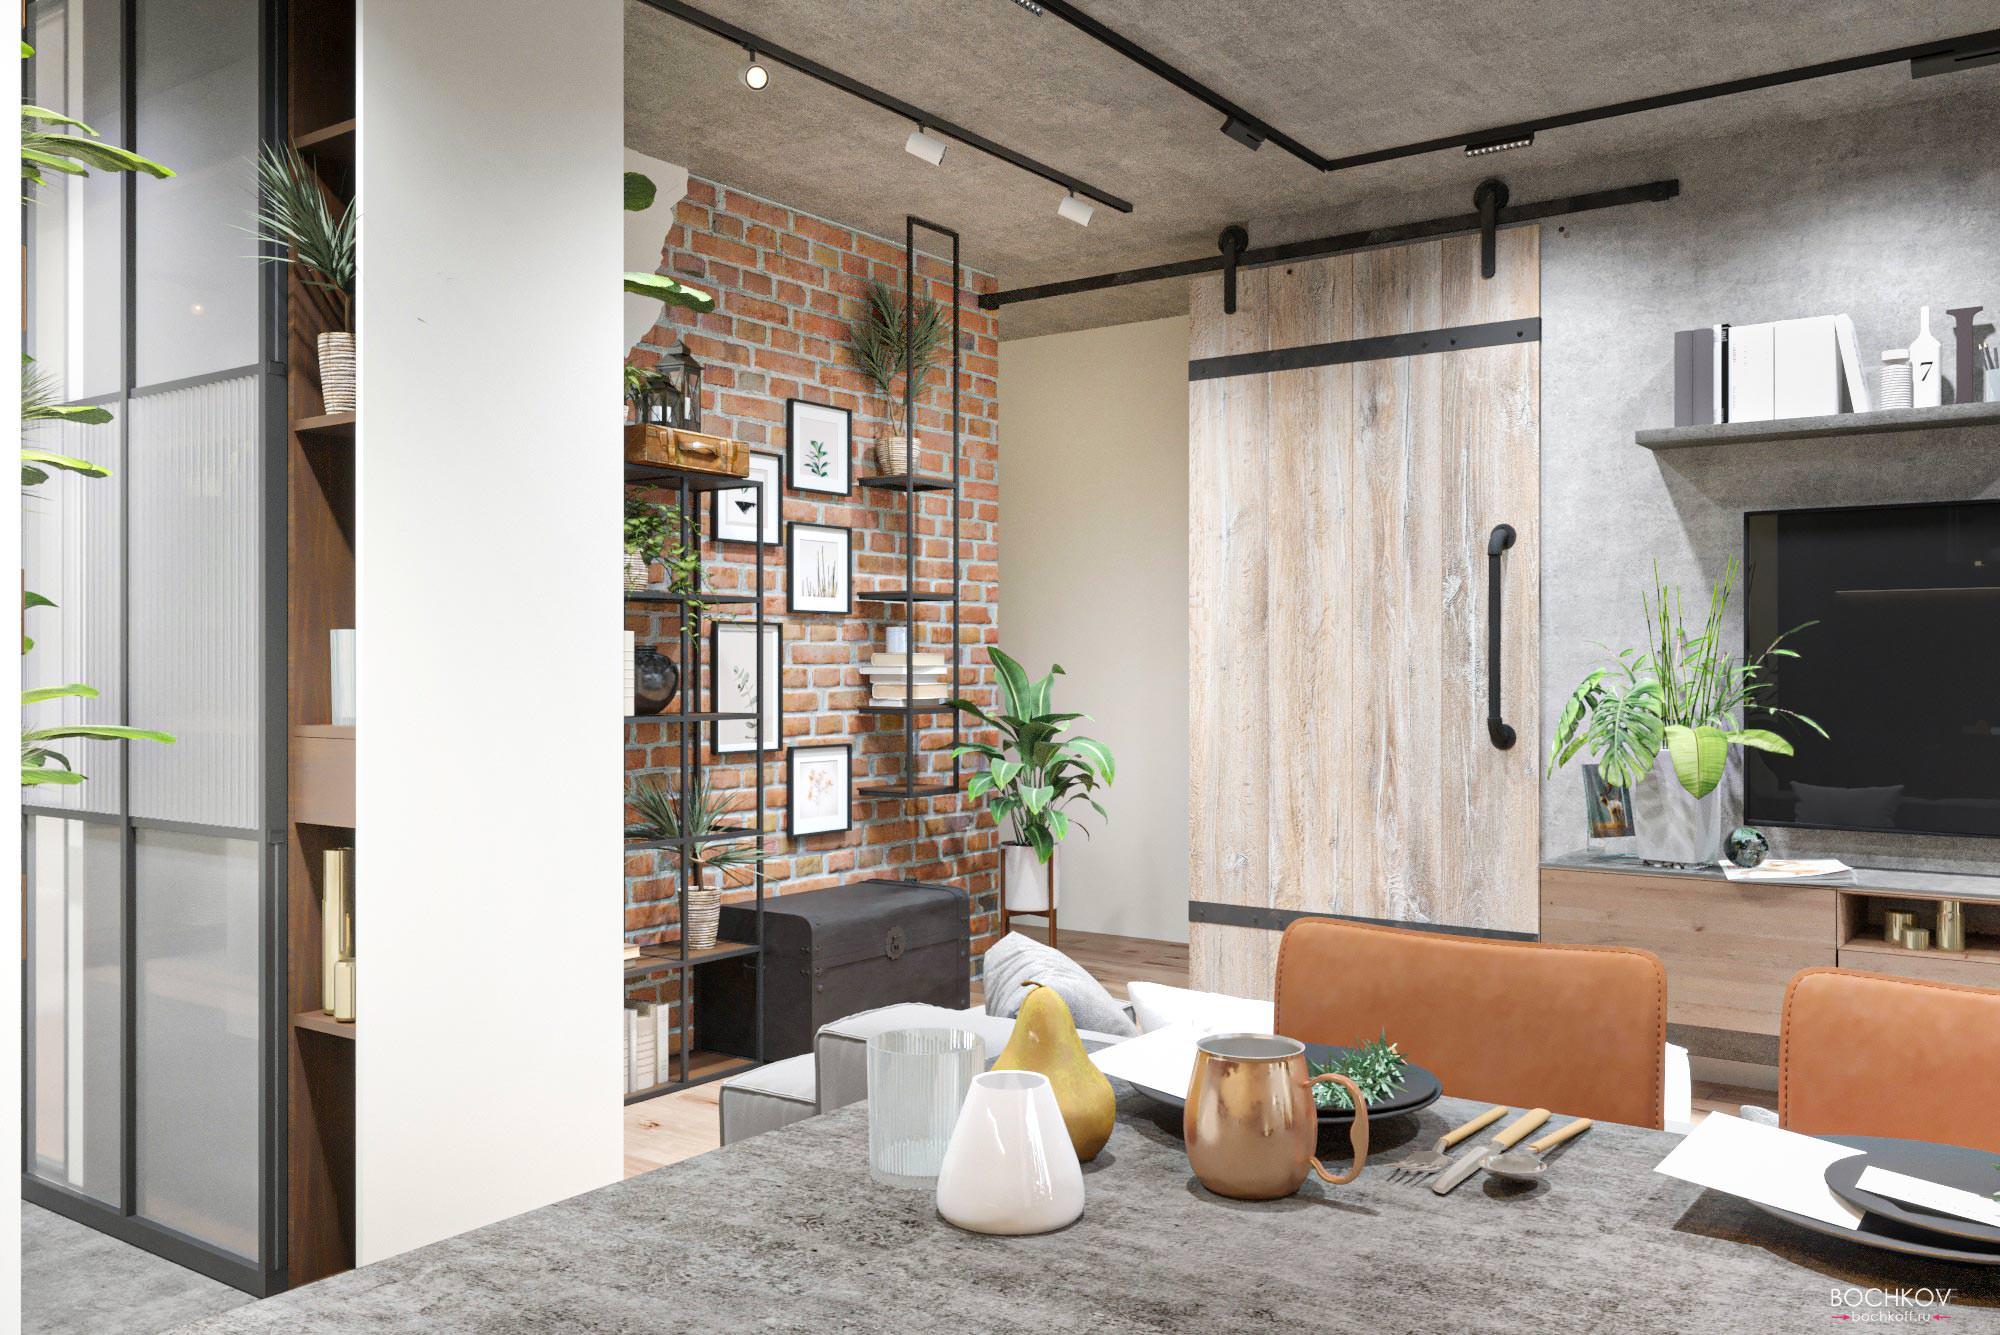 Вид из Кухни на гостиную, Дизайн интерьера в ЖК Макаровский 2020г.